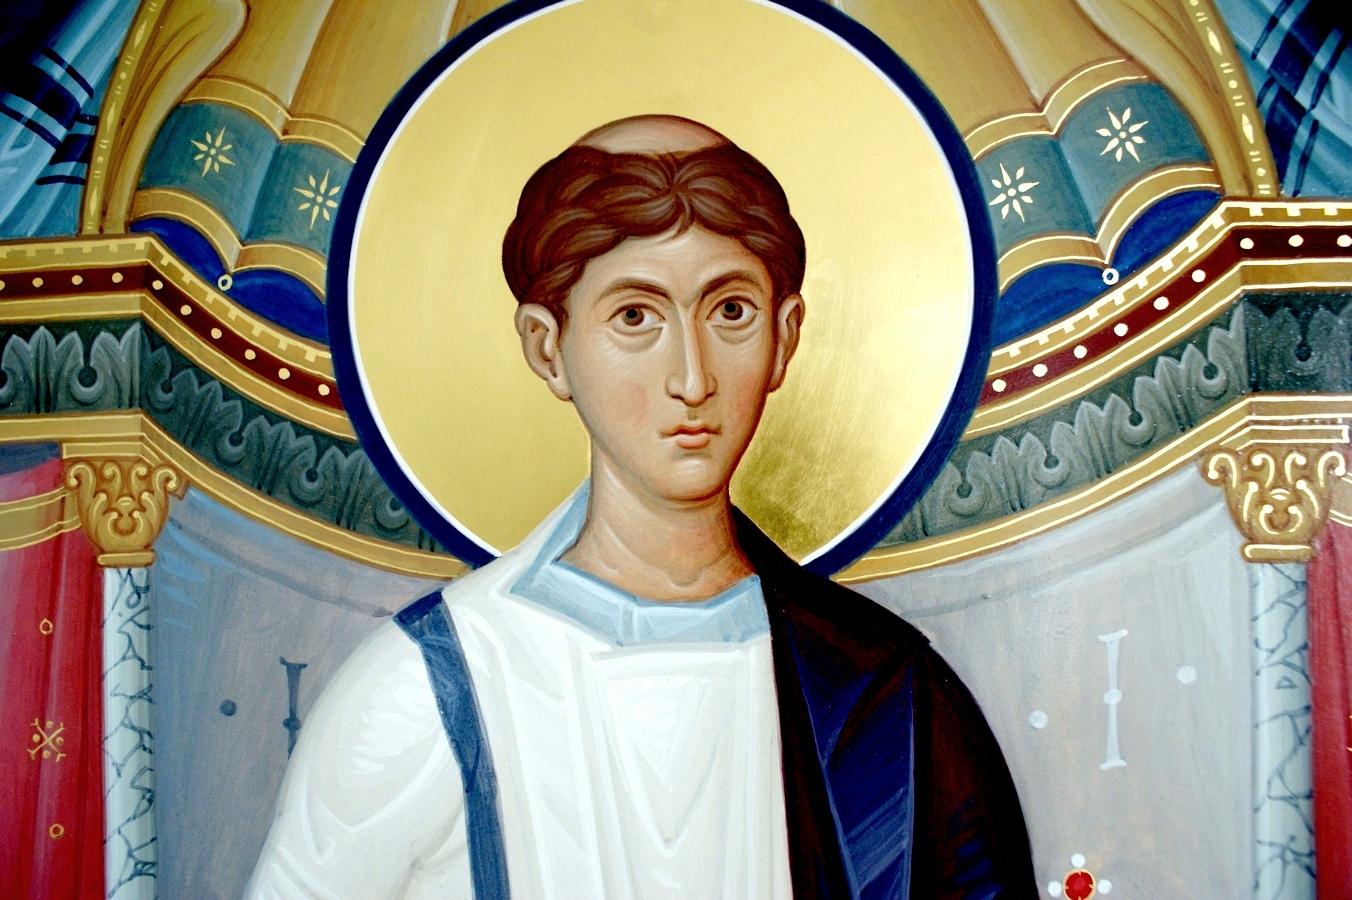 Святой Апостол от Семидесяти, Первомученик и Архидиакон Стефан.